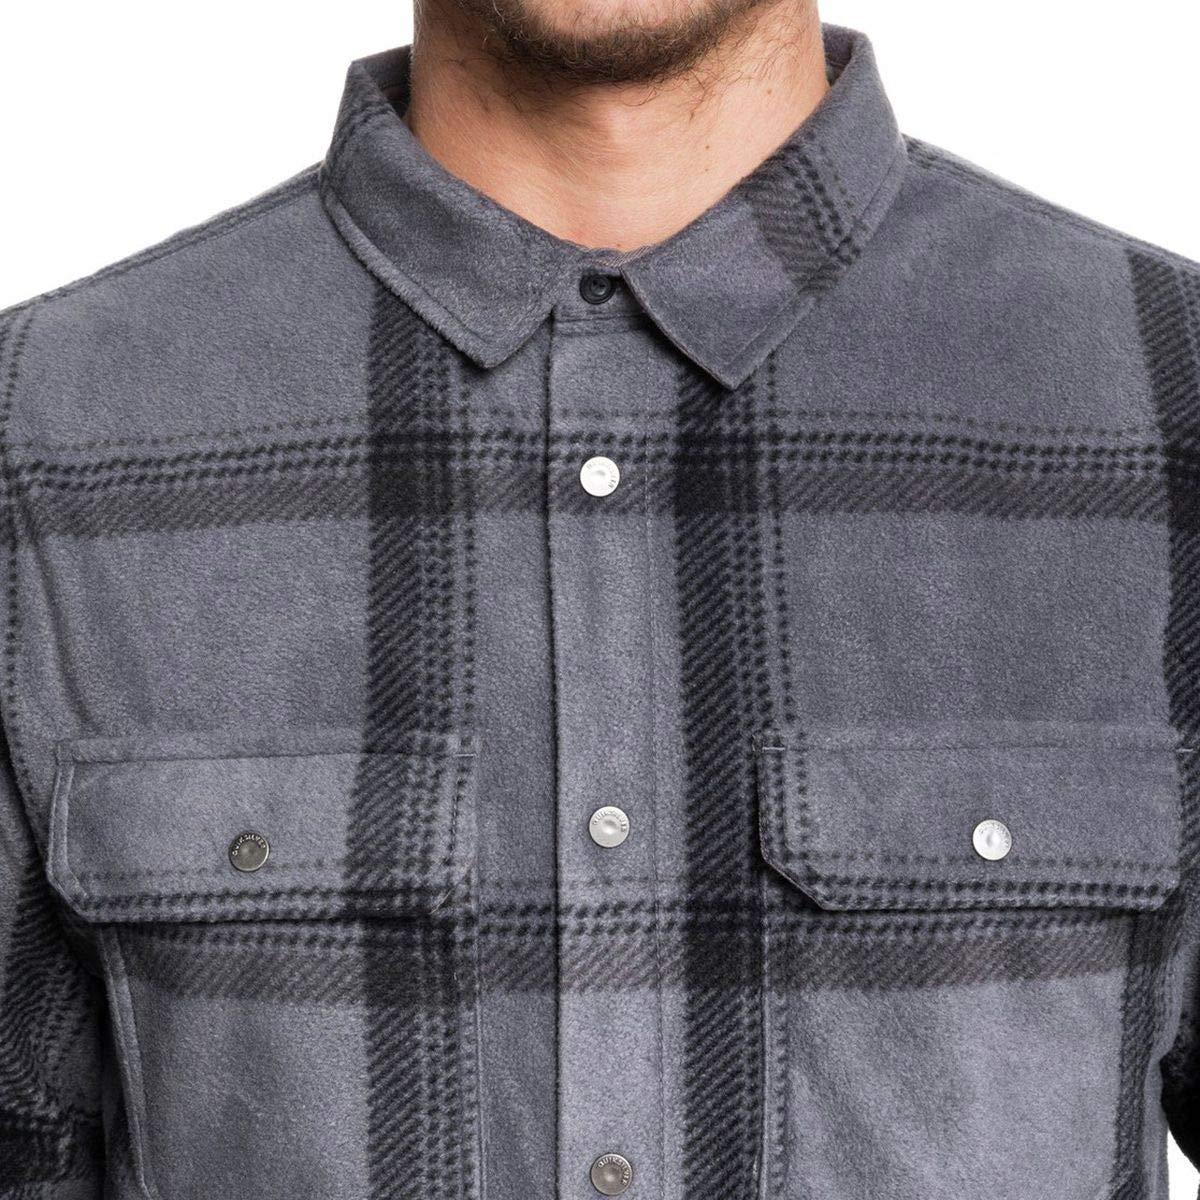 WangSiwe Tame Impala Mens Short Sleeve T-Shirt Print Blouse Tops